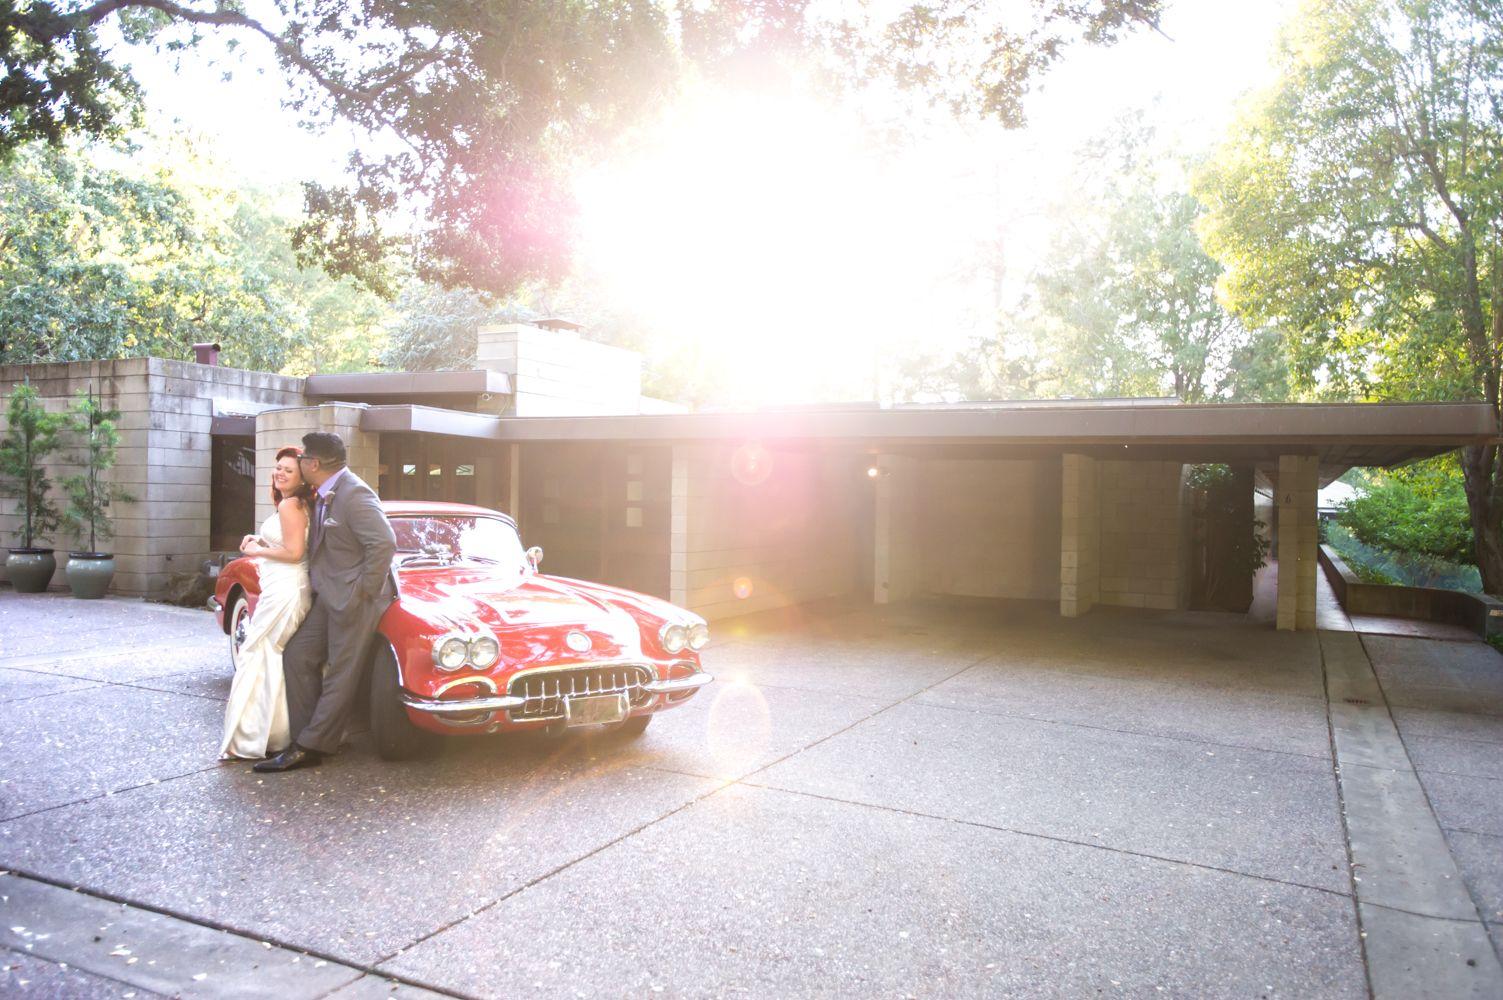 Clic Car Frank Lloyd Wright Wedding Chloe Jackman Photography